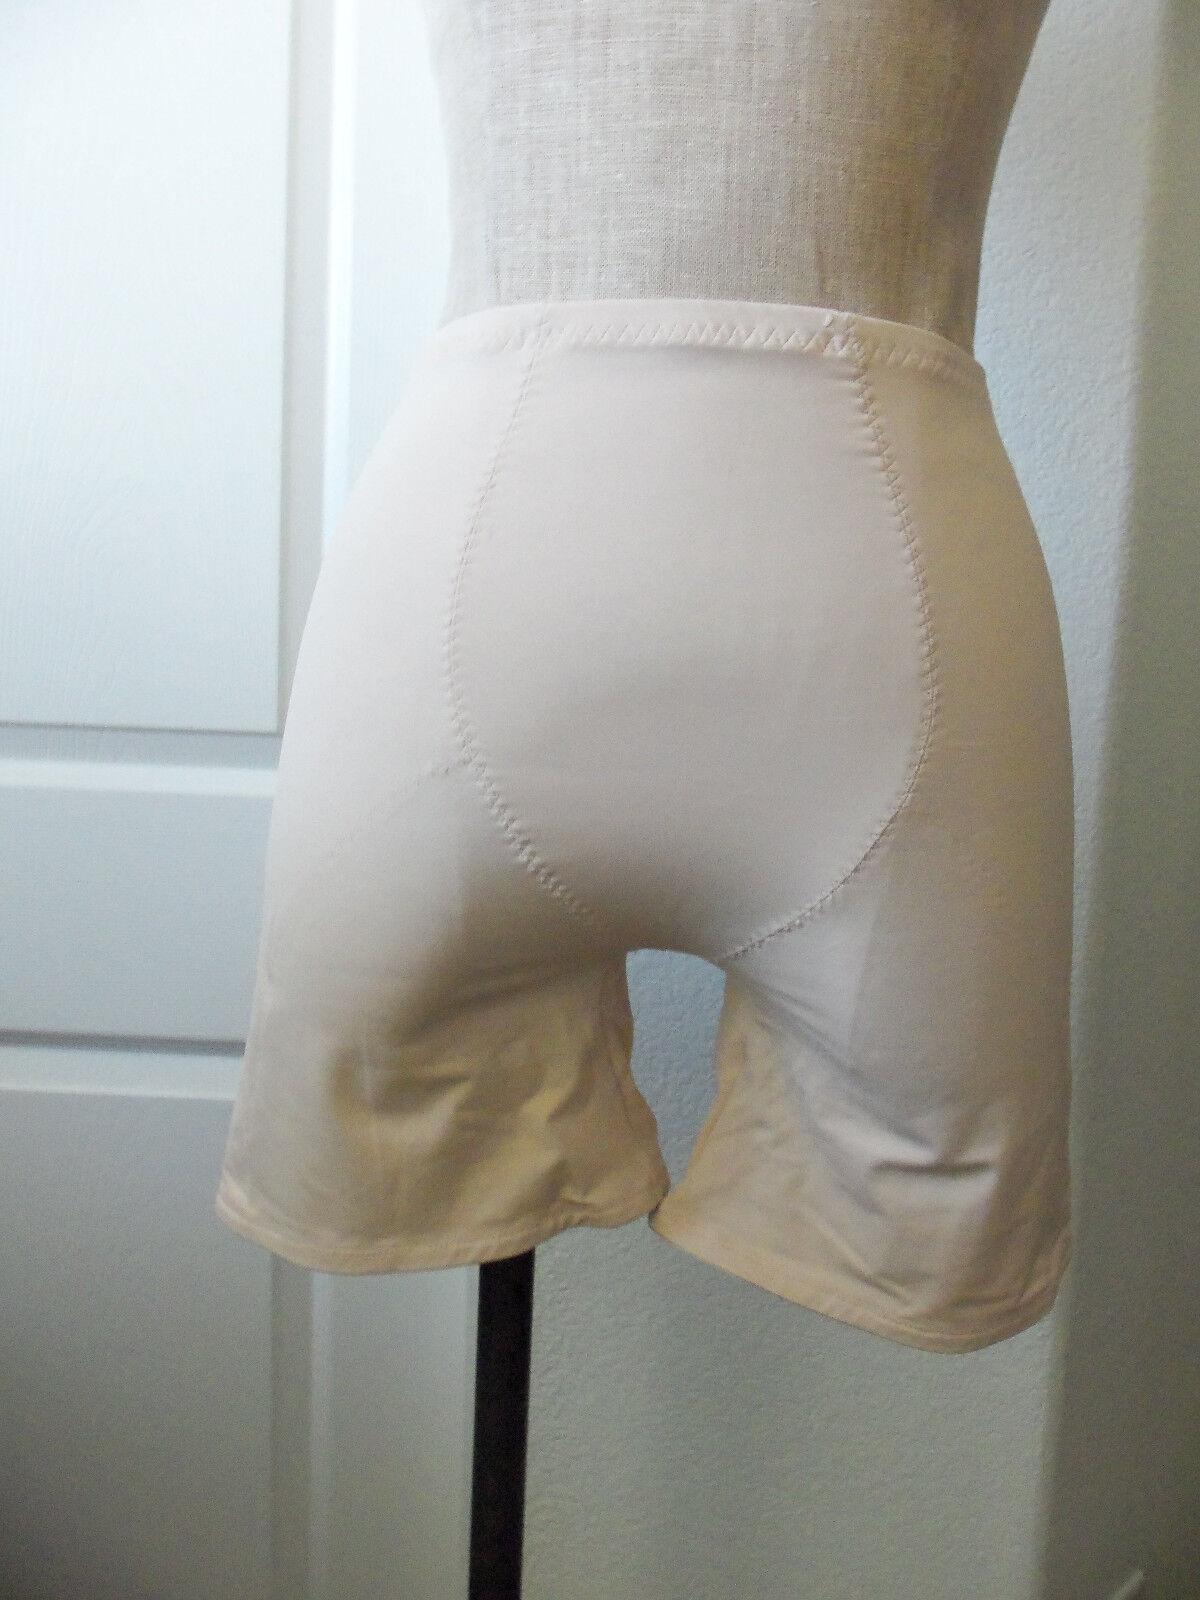 Chantelle 1229 Nude Stretch Nylon Blend Long Leg Panty Girdle Shaper - XL